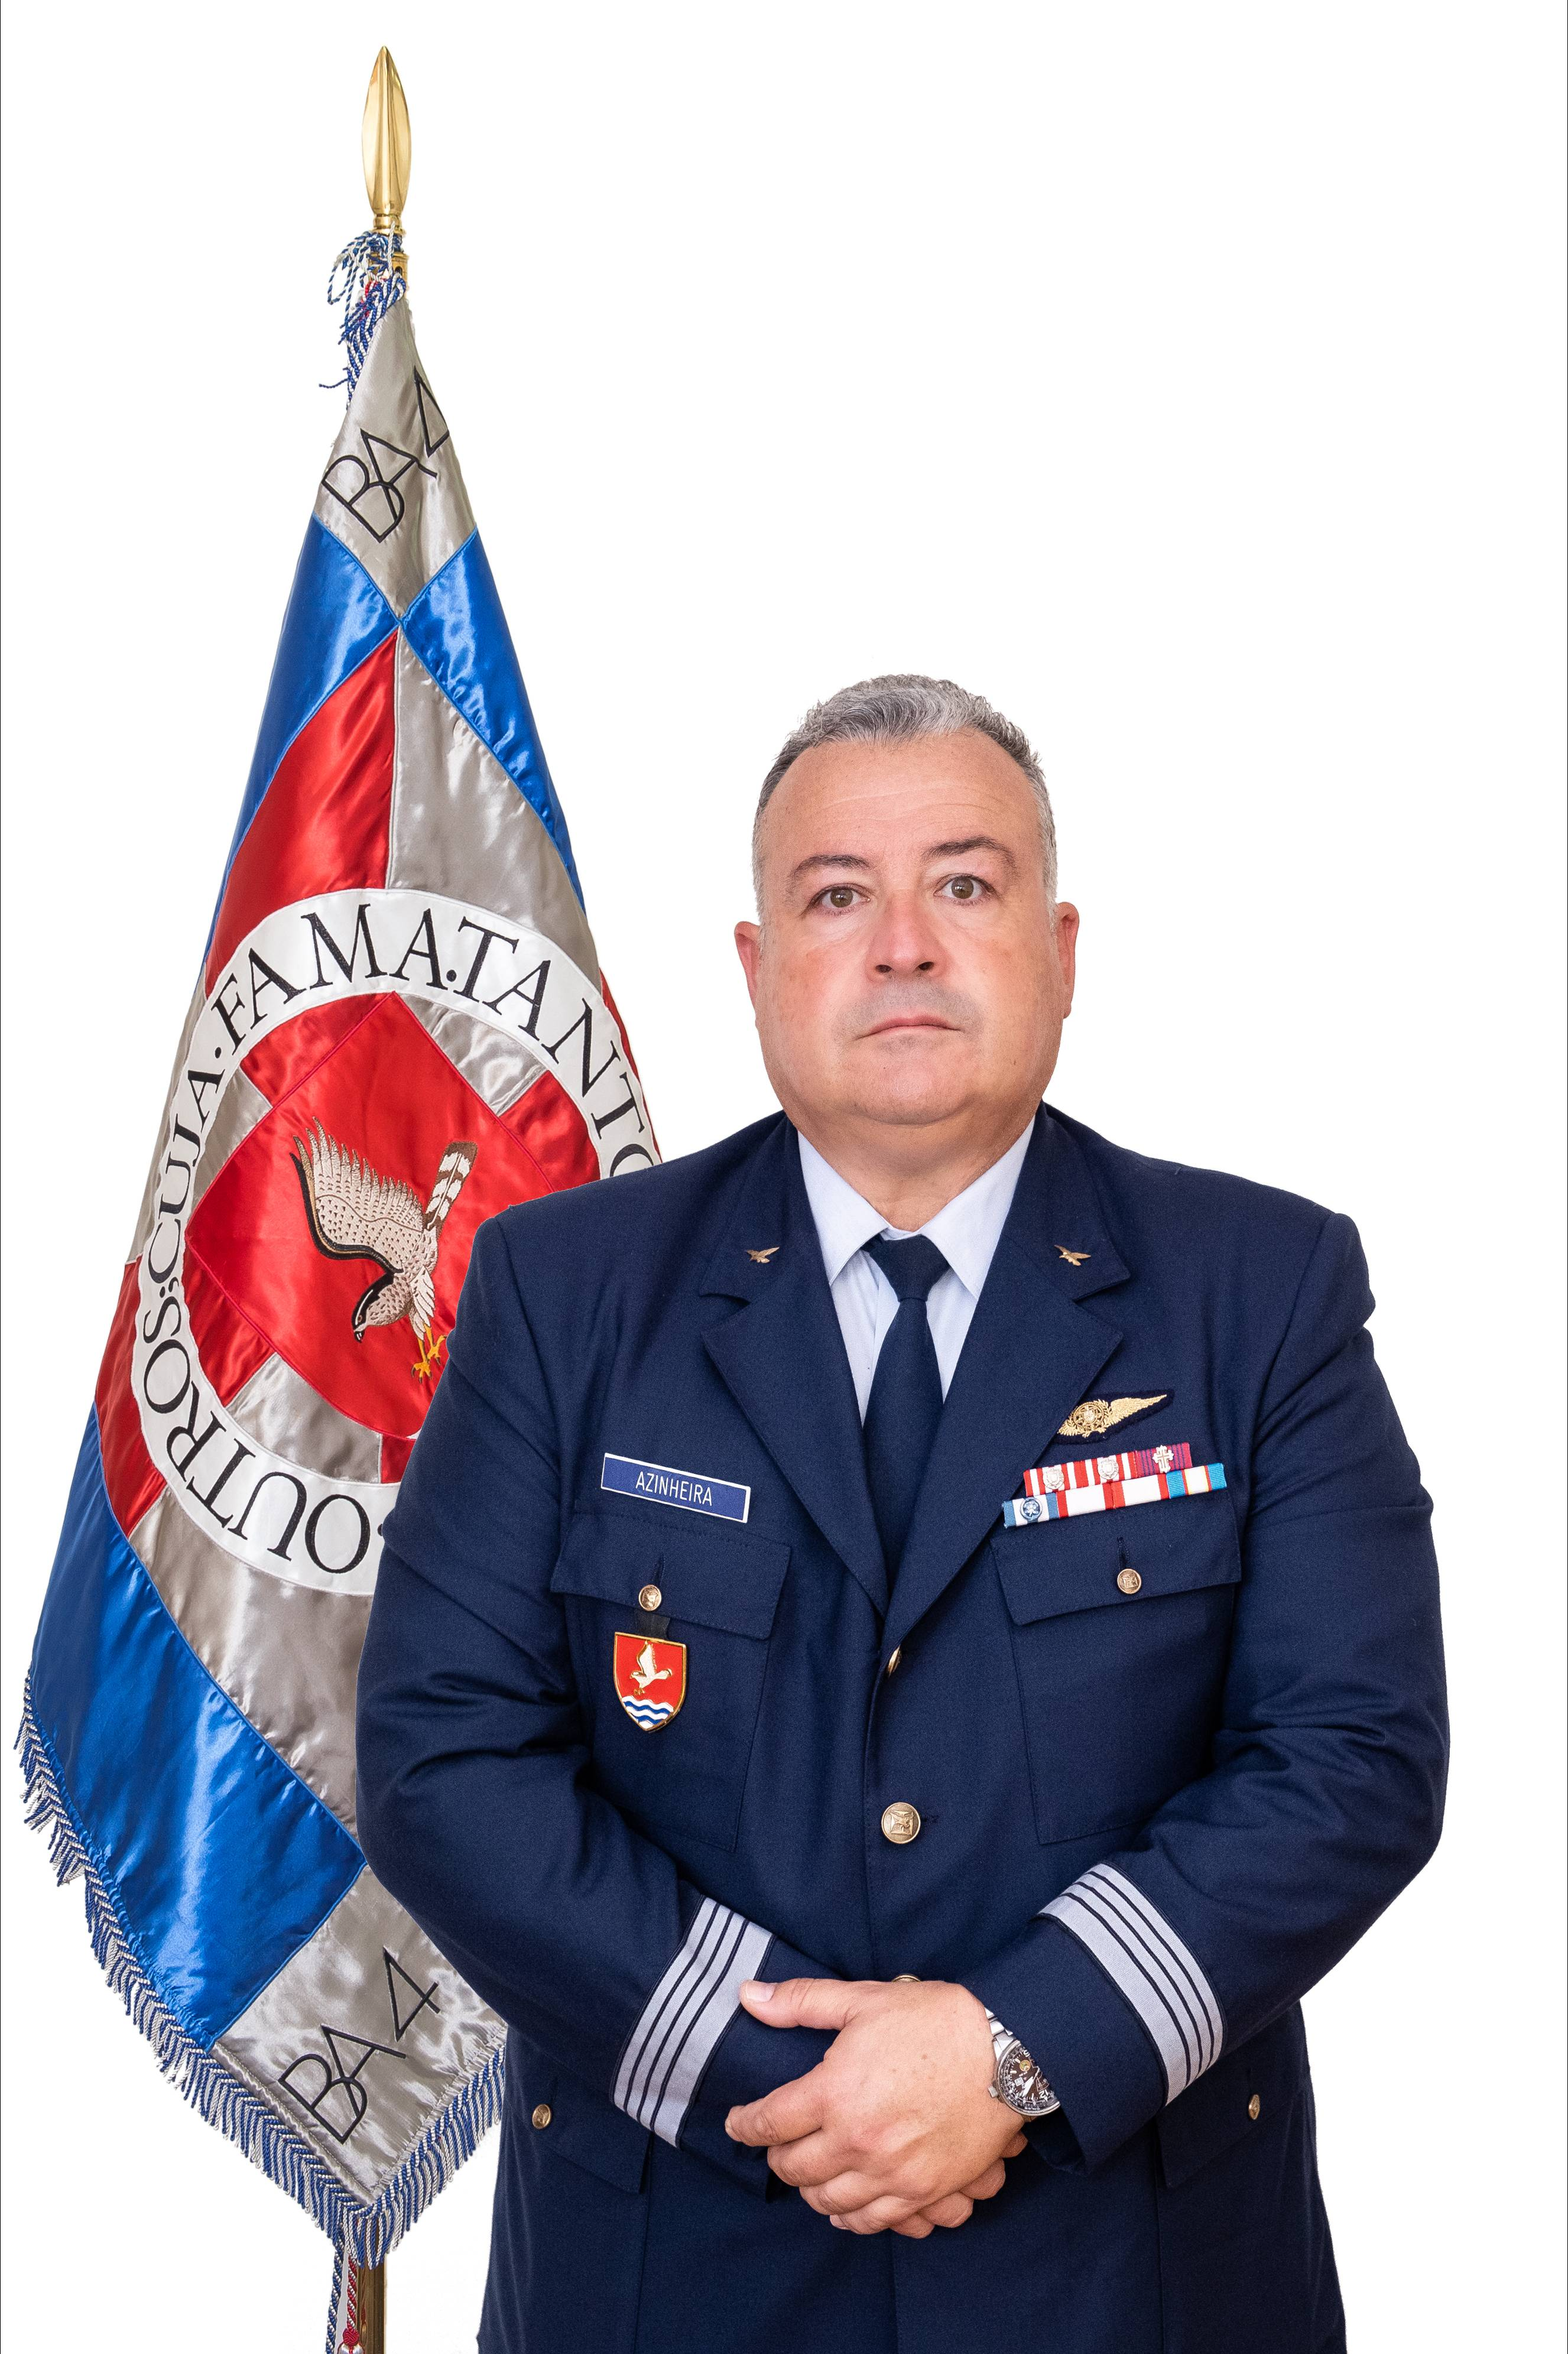 Foto de Coronel Filipe José Pereira Azinheira